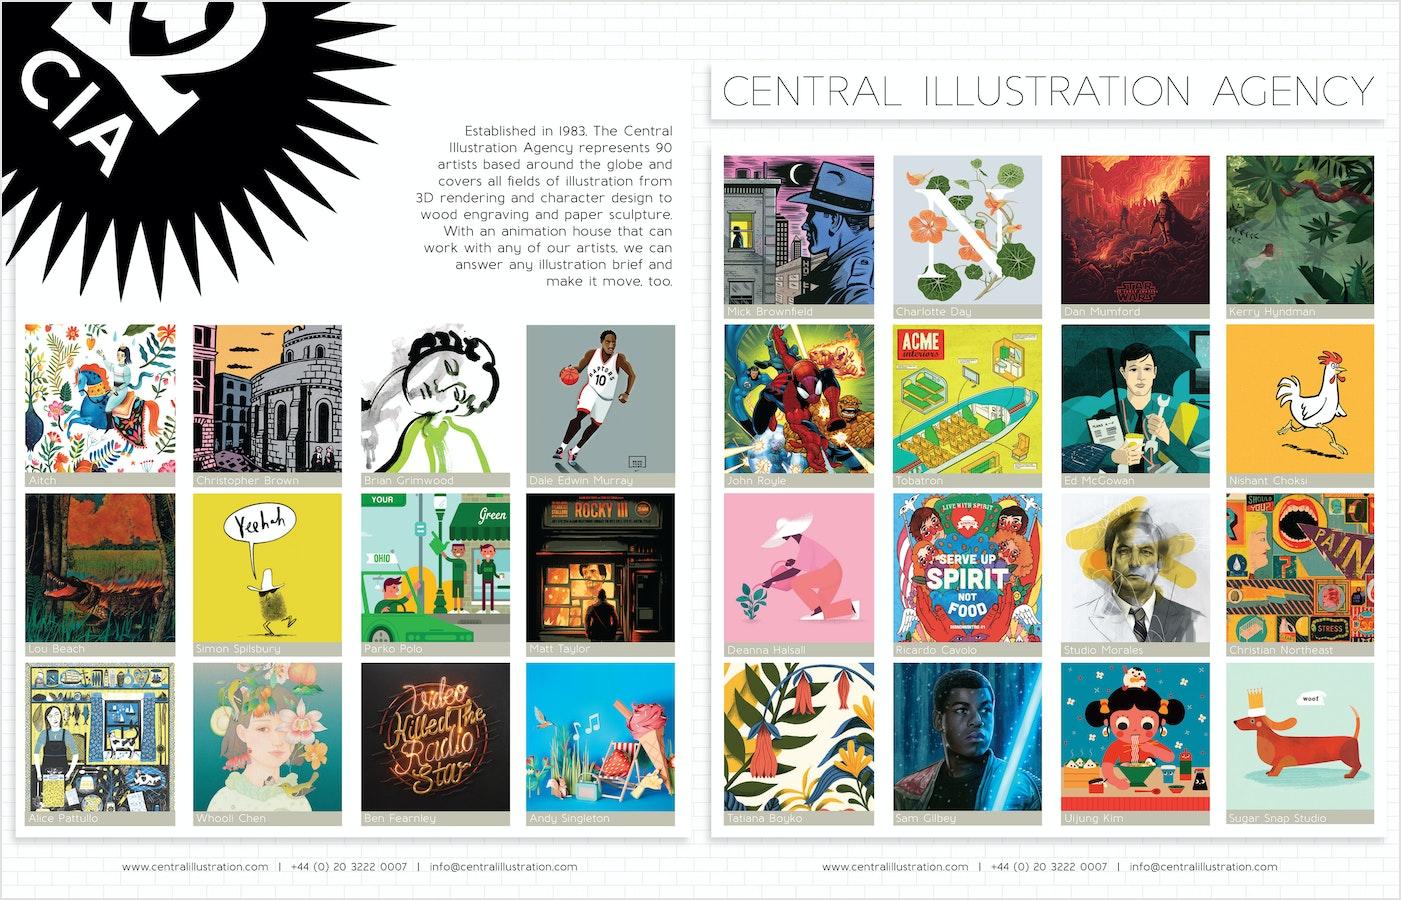 Workbooks workbook com : Workbook Illustration 39 Spring | Page 42-43 | Workbook.com